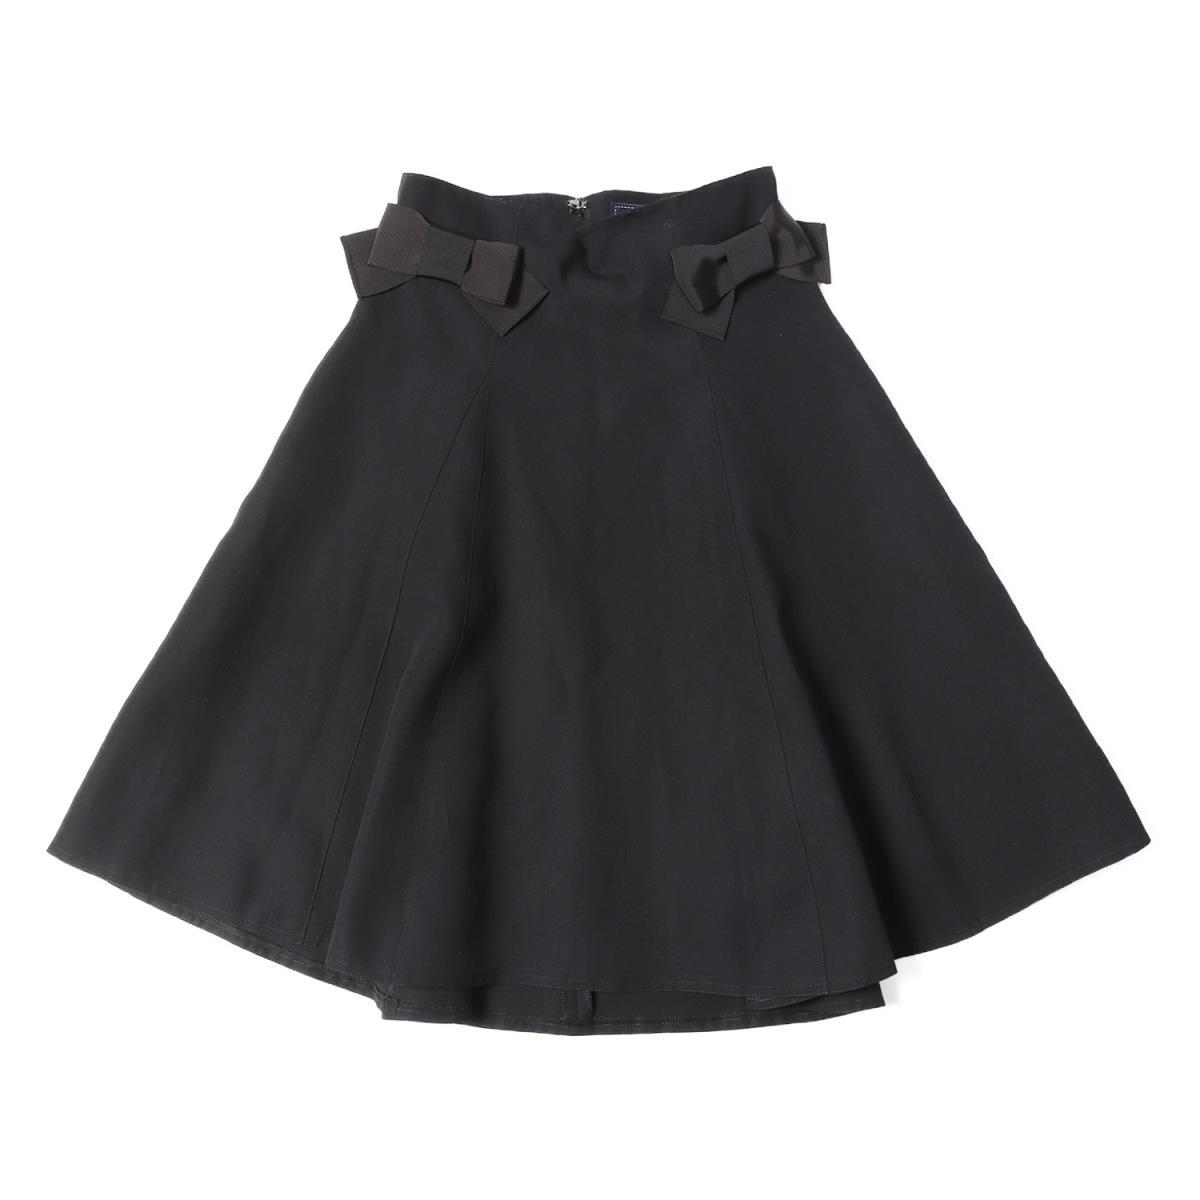 M'S GRACY エムズグレイシー リボン フレアスカート 19春夏 ブラック 36 【レディース】【中古】【美品】【K2467】